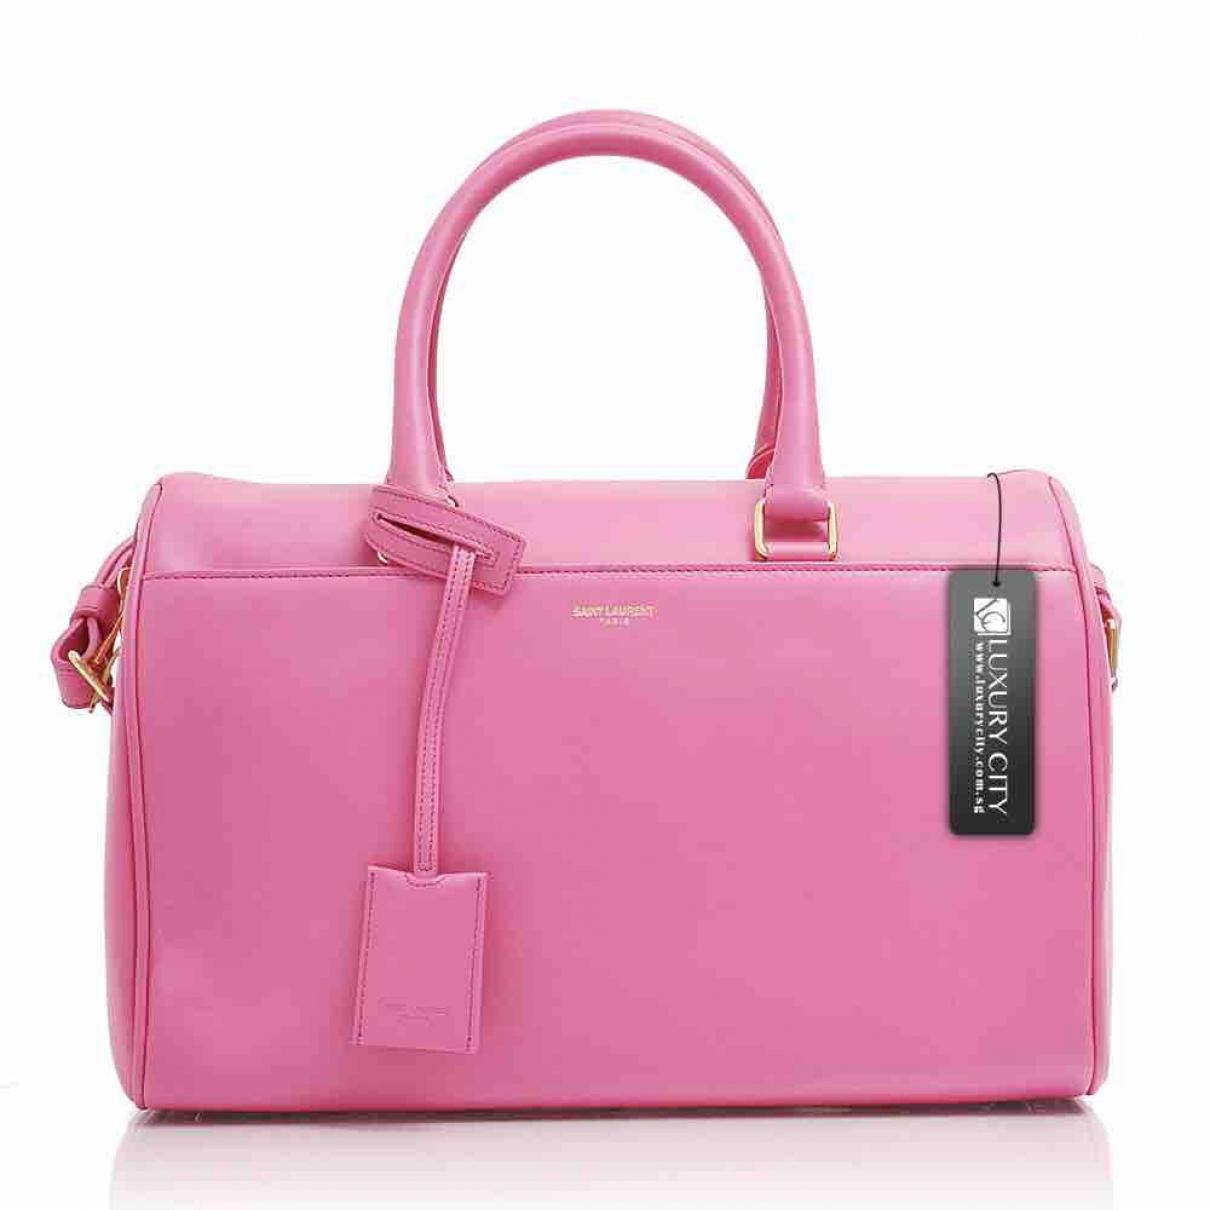 Saint Laurent Duffle Handtasche in  Rosa Leder